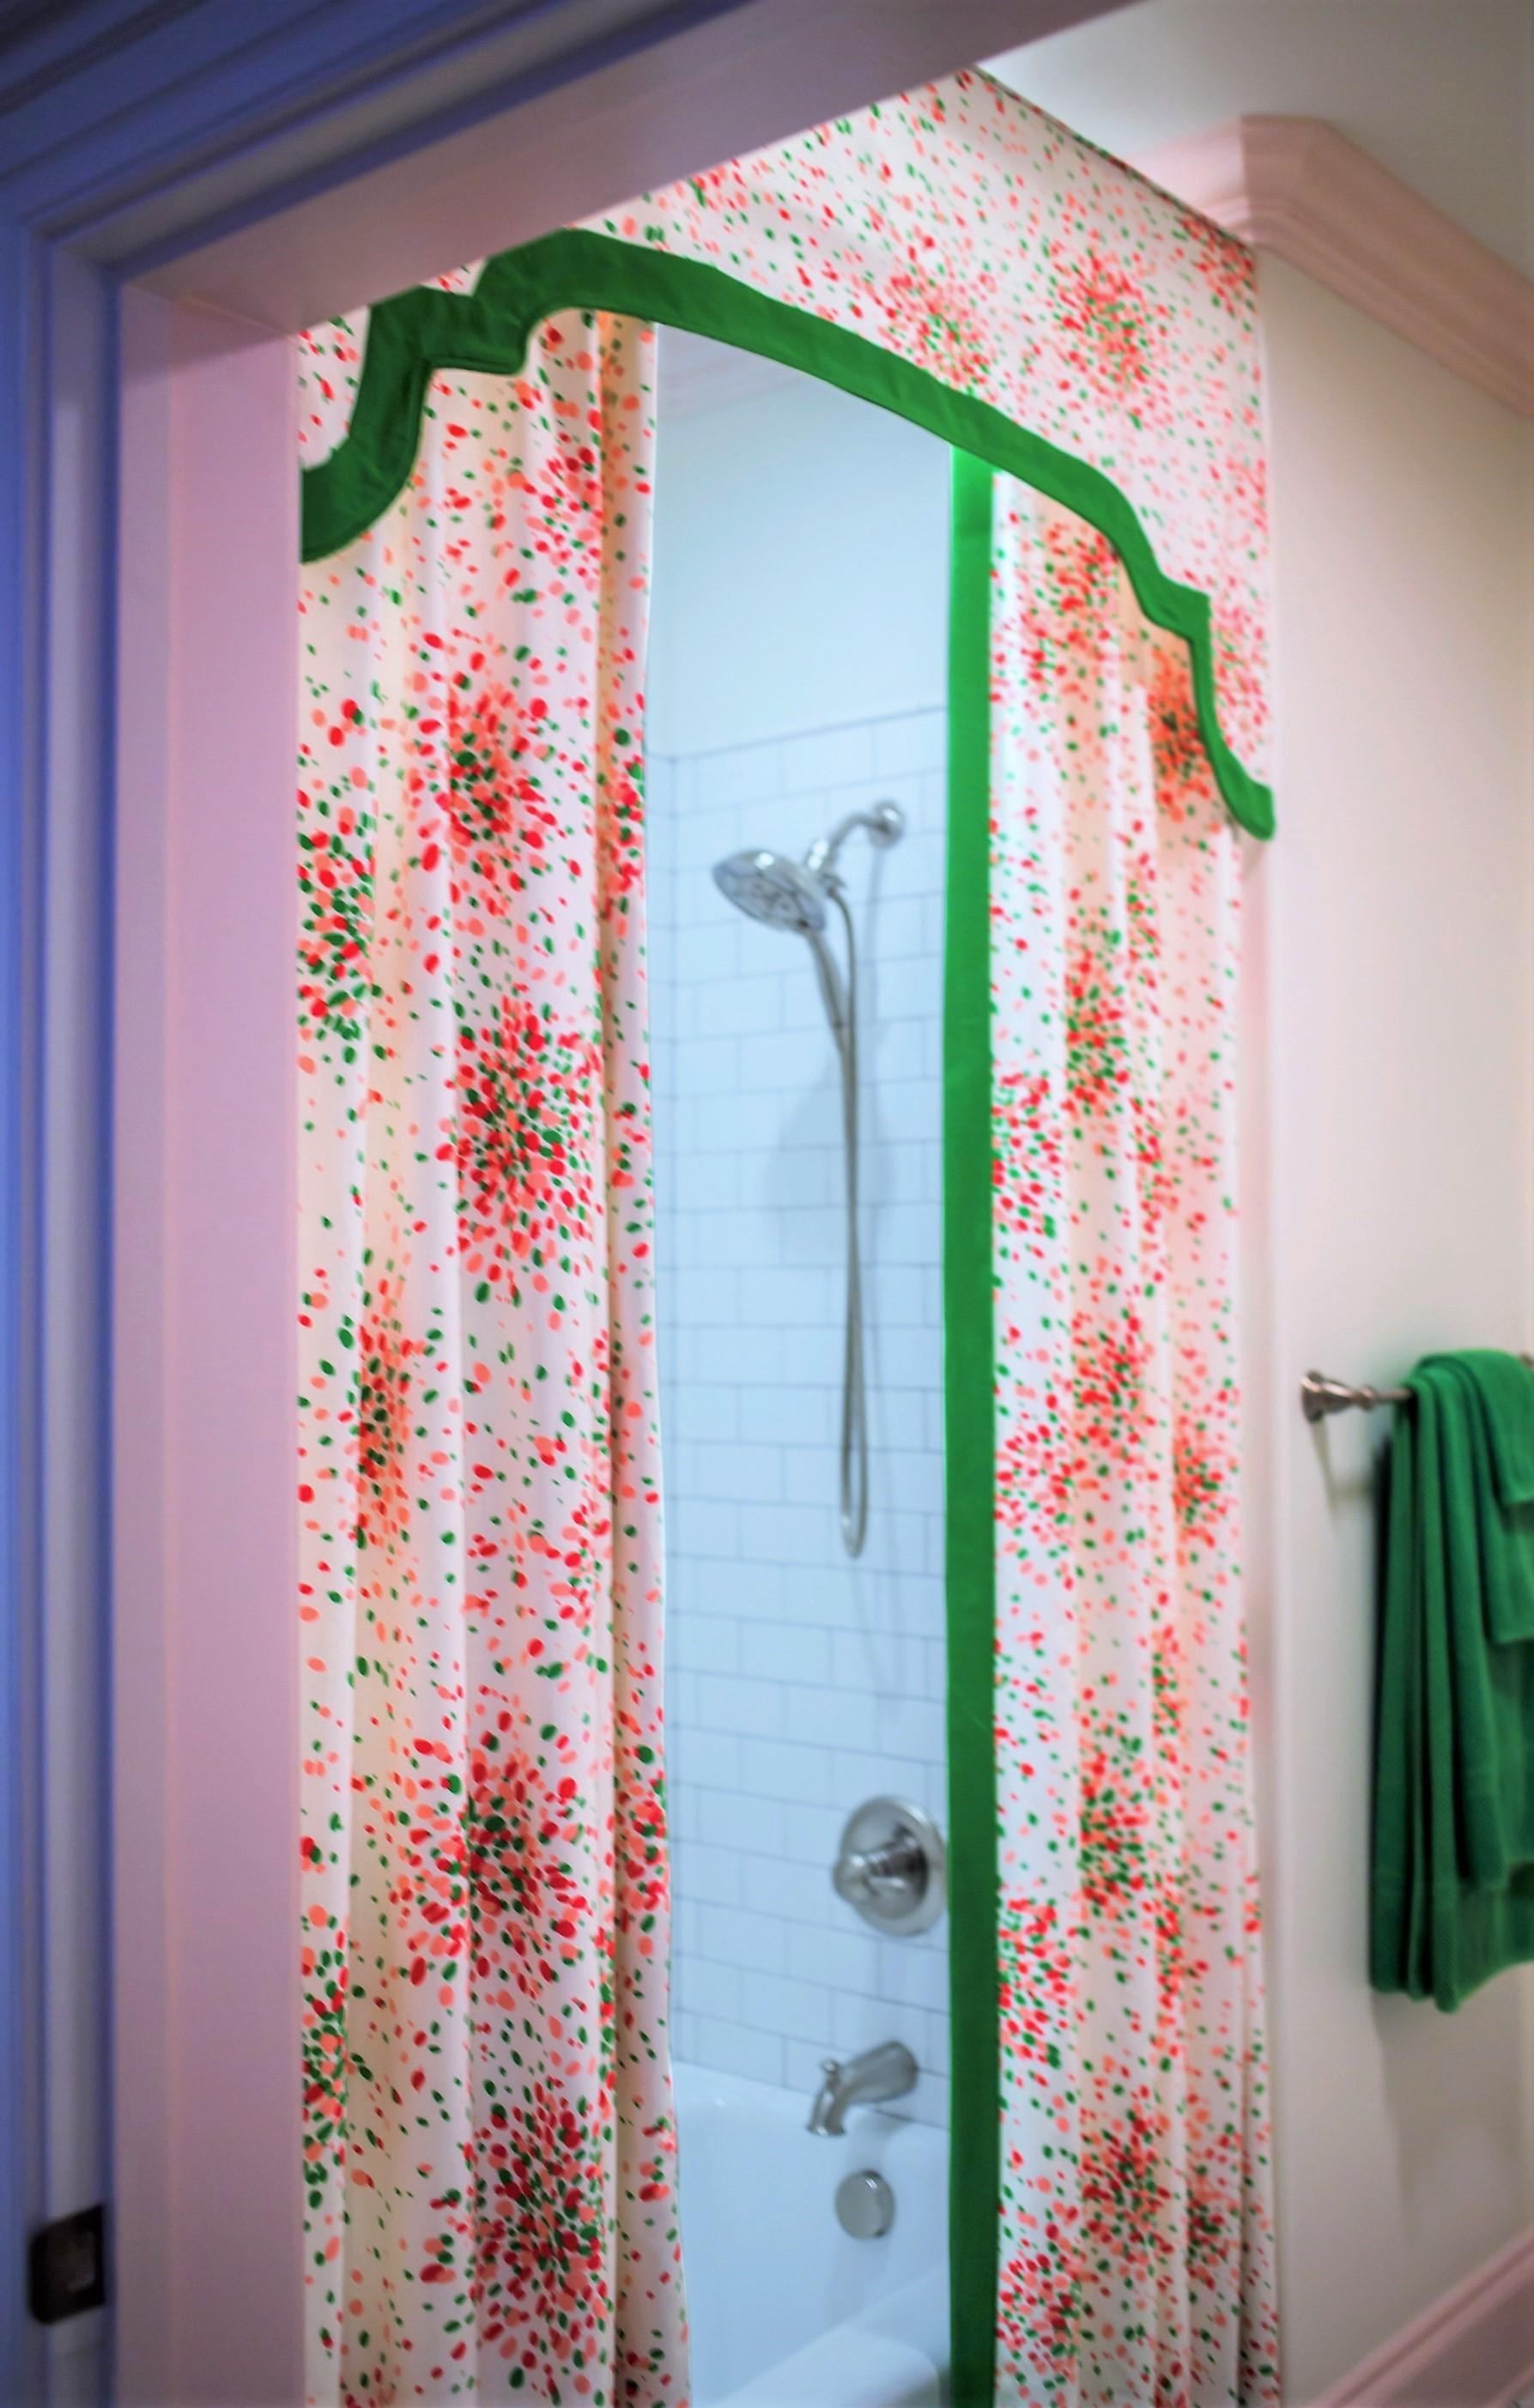 ellebrightdesigns.kidsbath.luludkjellybean.showercurtainvalance.pinkandgreen